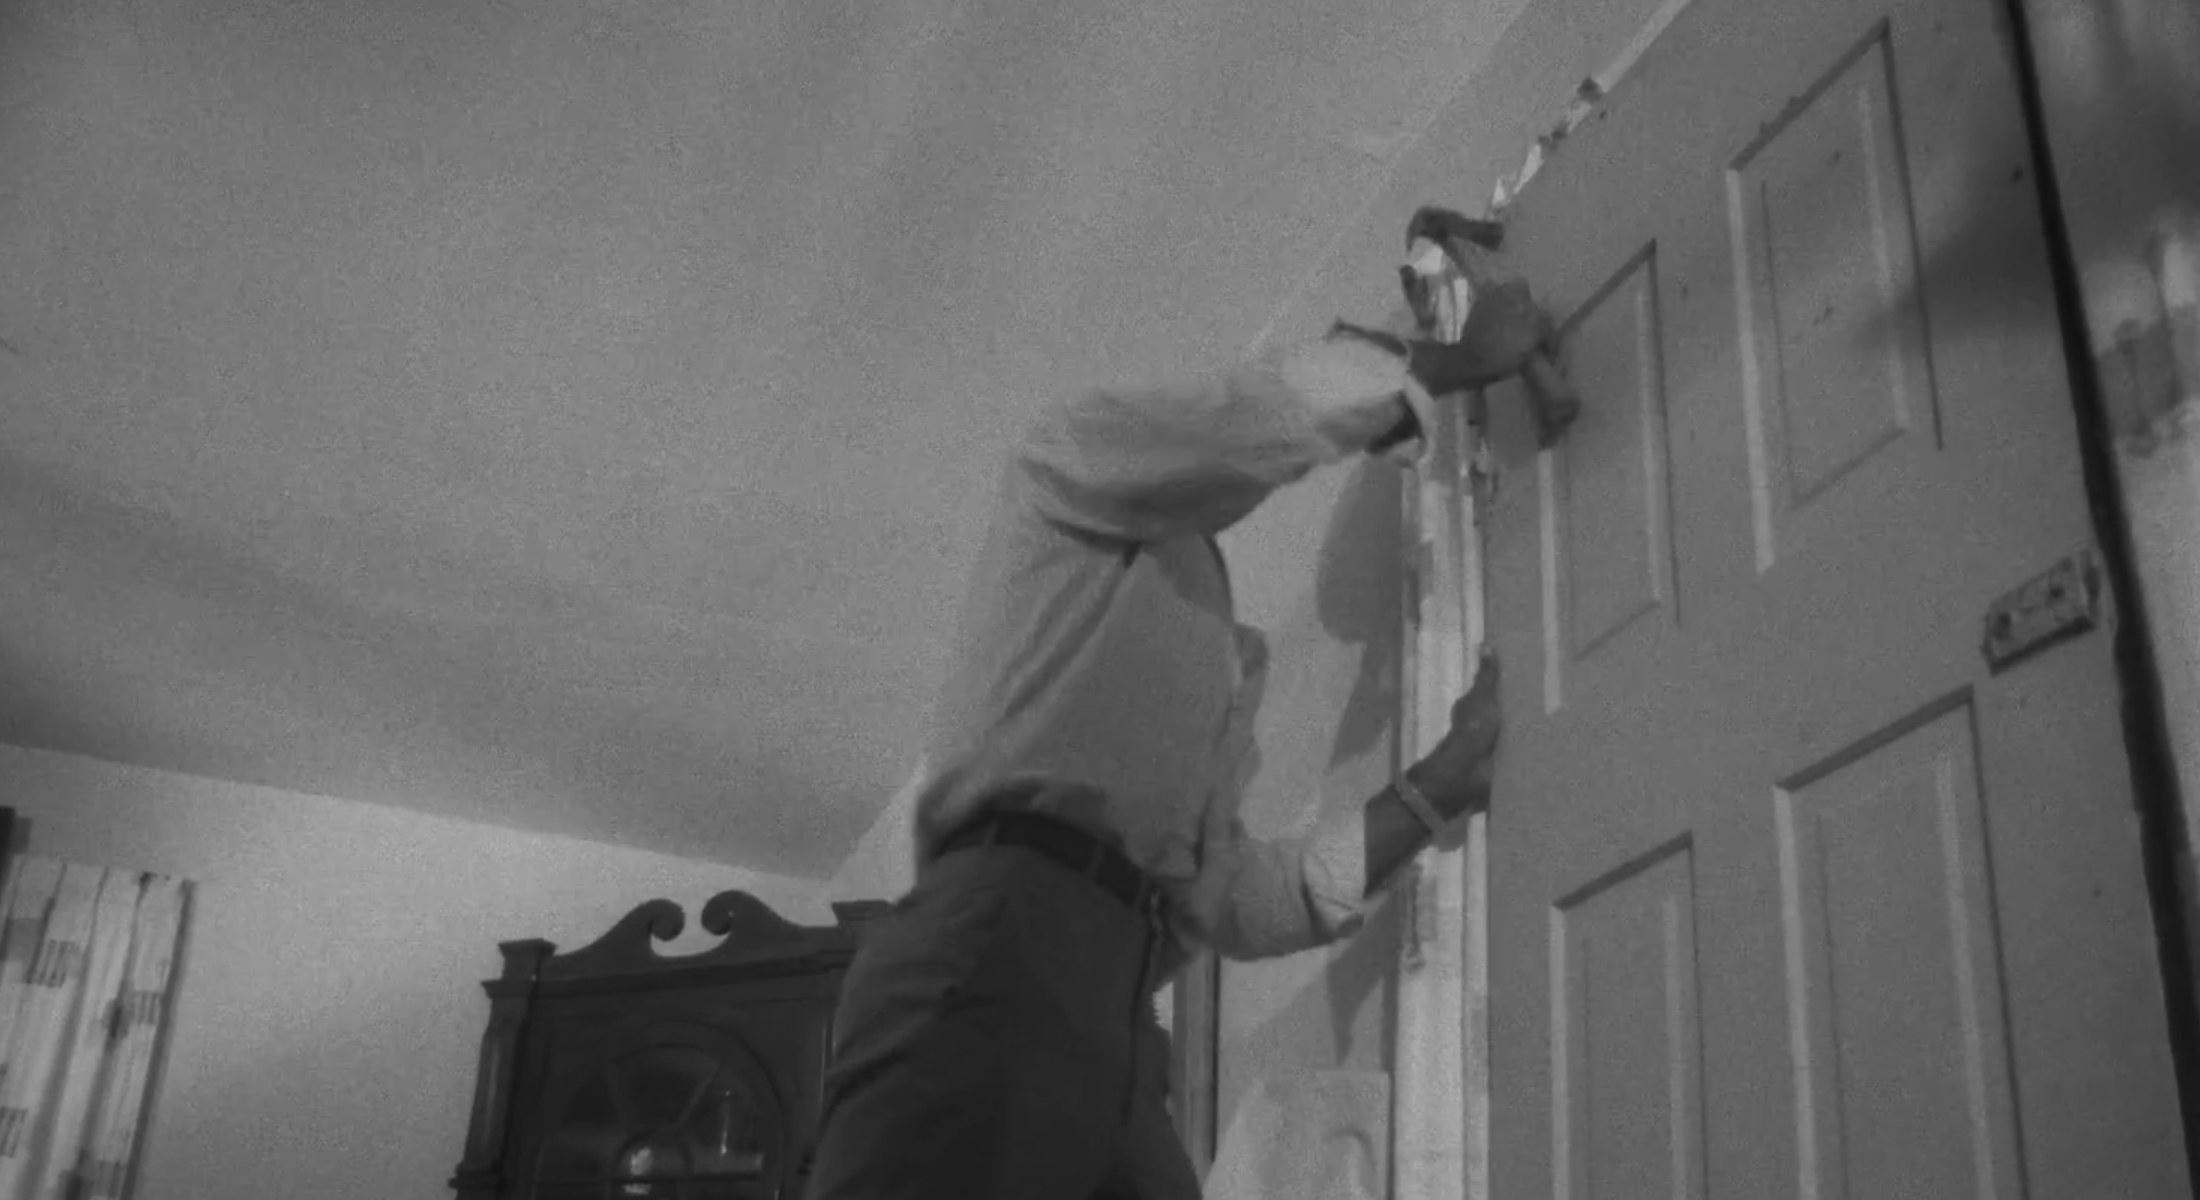 A man hammering a door shut